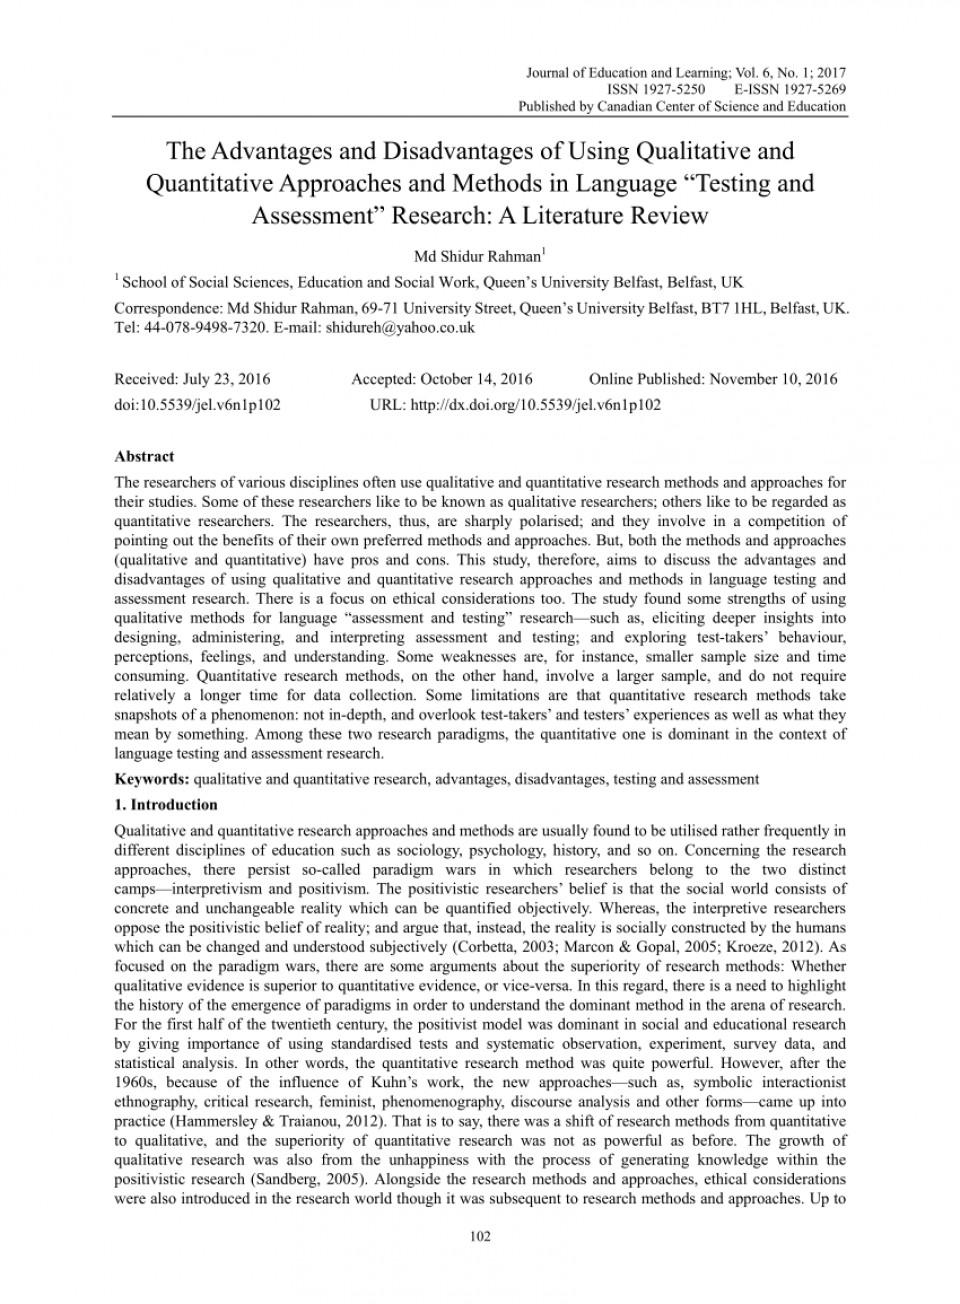 010 Essay Example Advantages Formal Education Stupendous 960